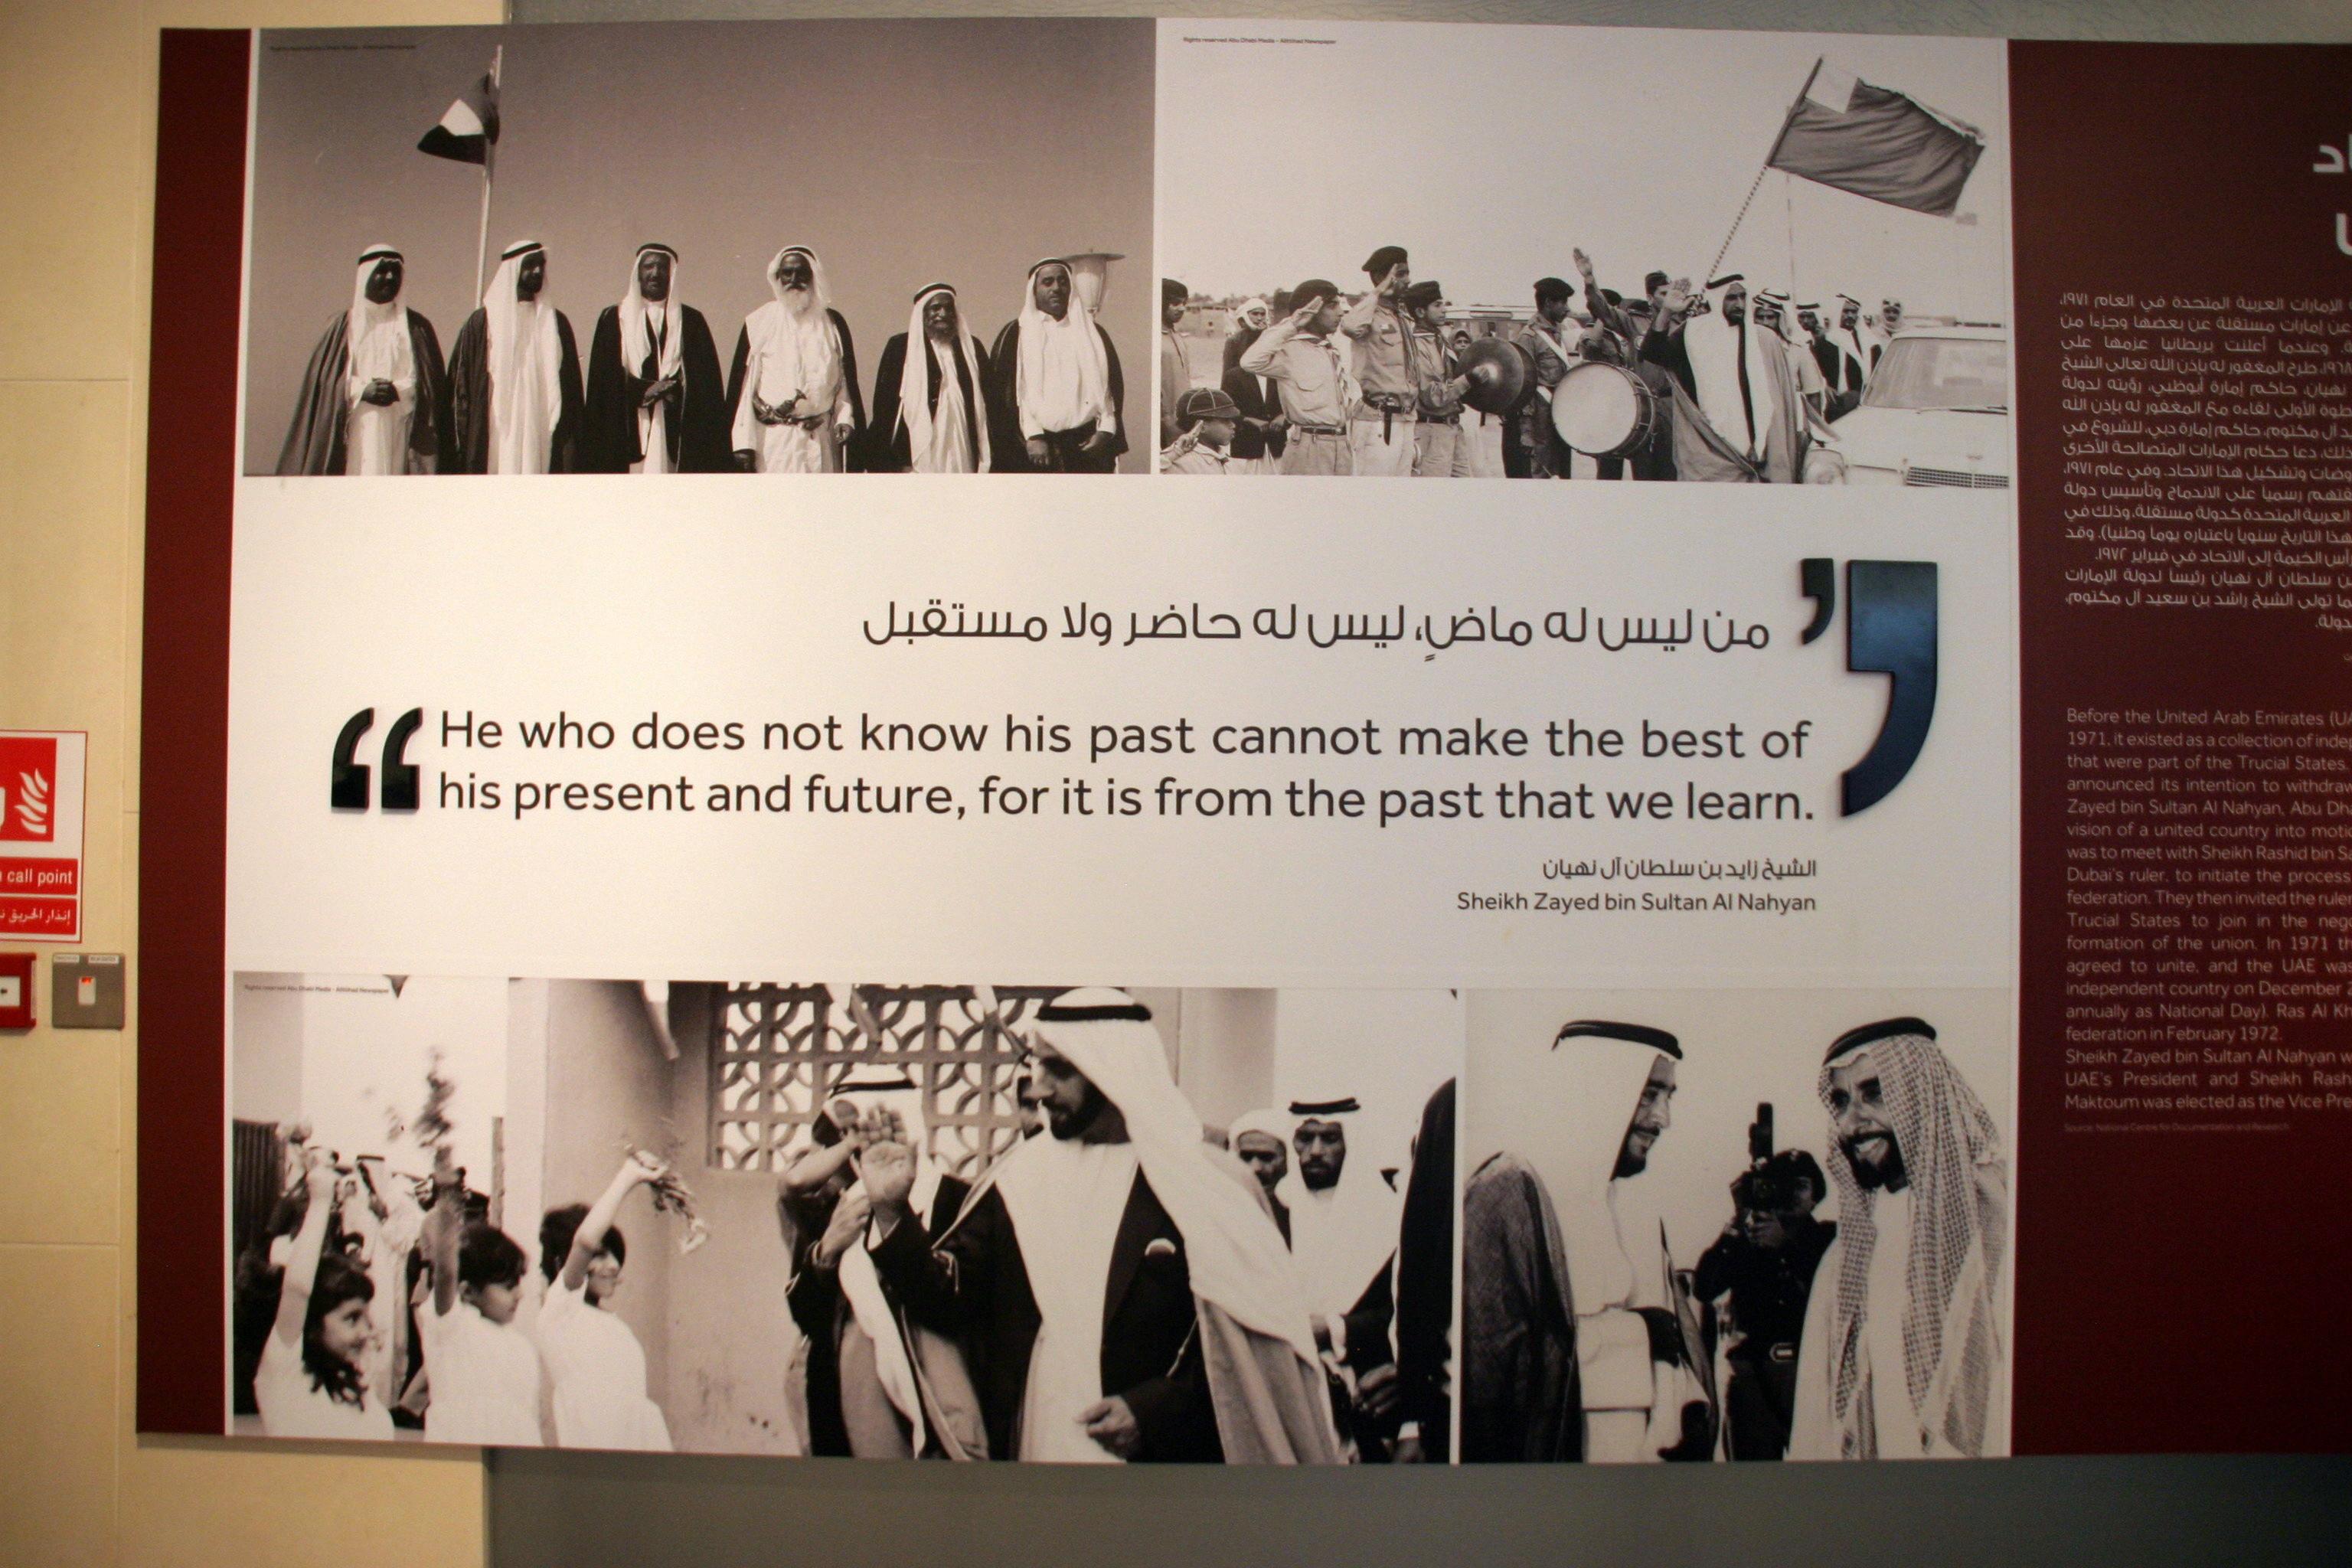 Az államalapító Sheik Zayed bin Sultan al Nahyan híres mottója: 'Aki nem ismeri a (saját) múltját, az nem tudja a (saját) jelenéből és jövőjéből a legjobbat kihozni, mert ezt csak a múltból való tanulás révén lehet elérni.'